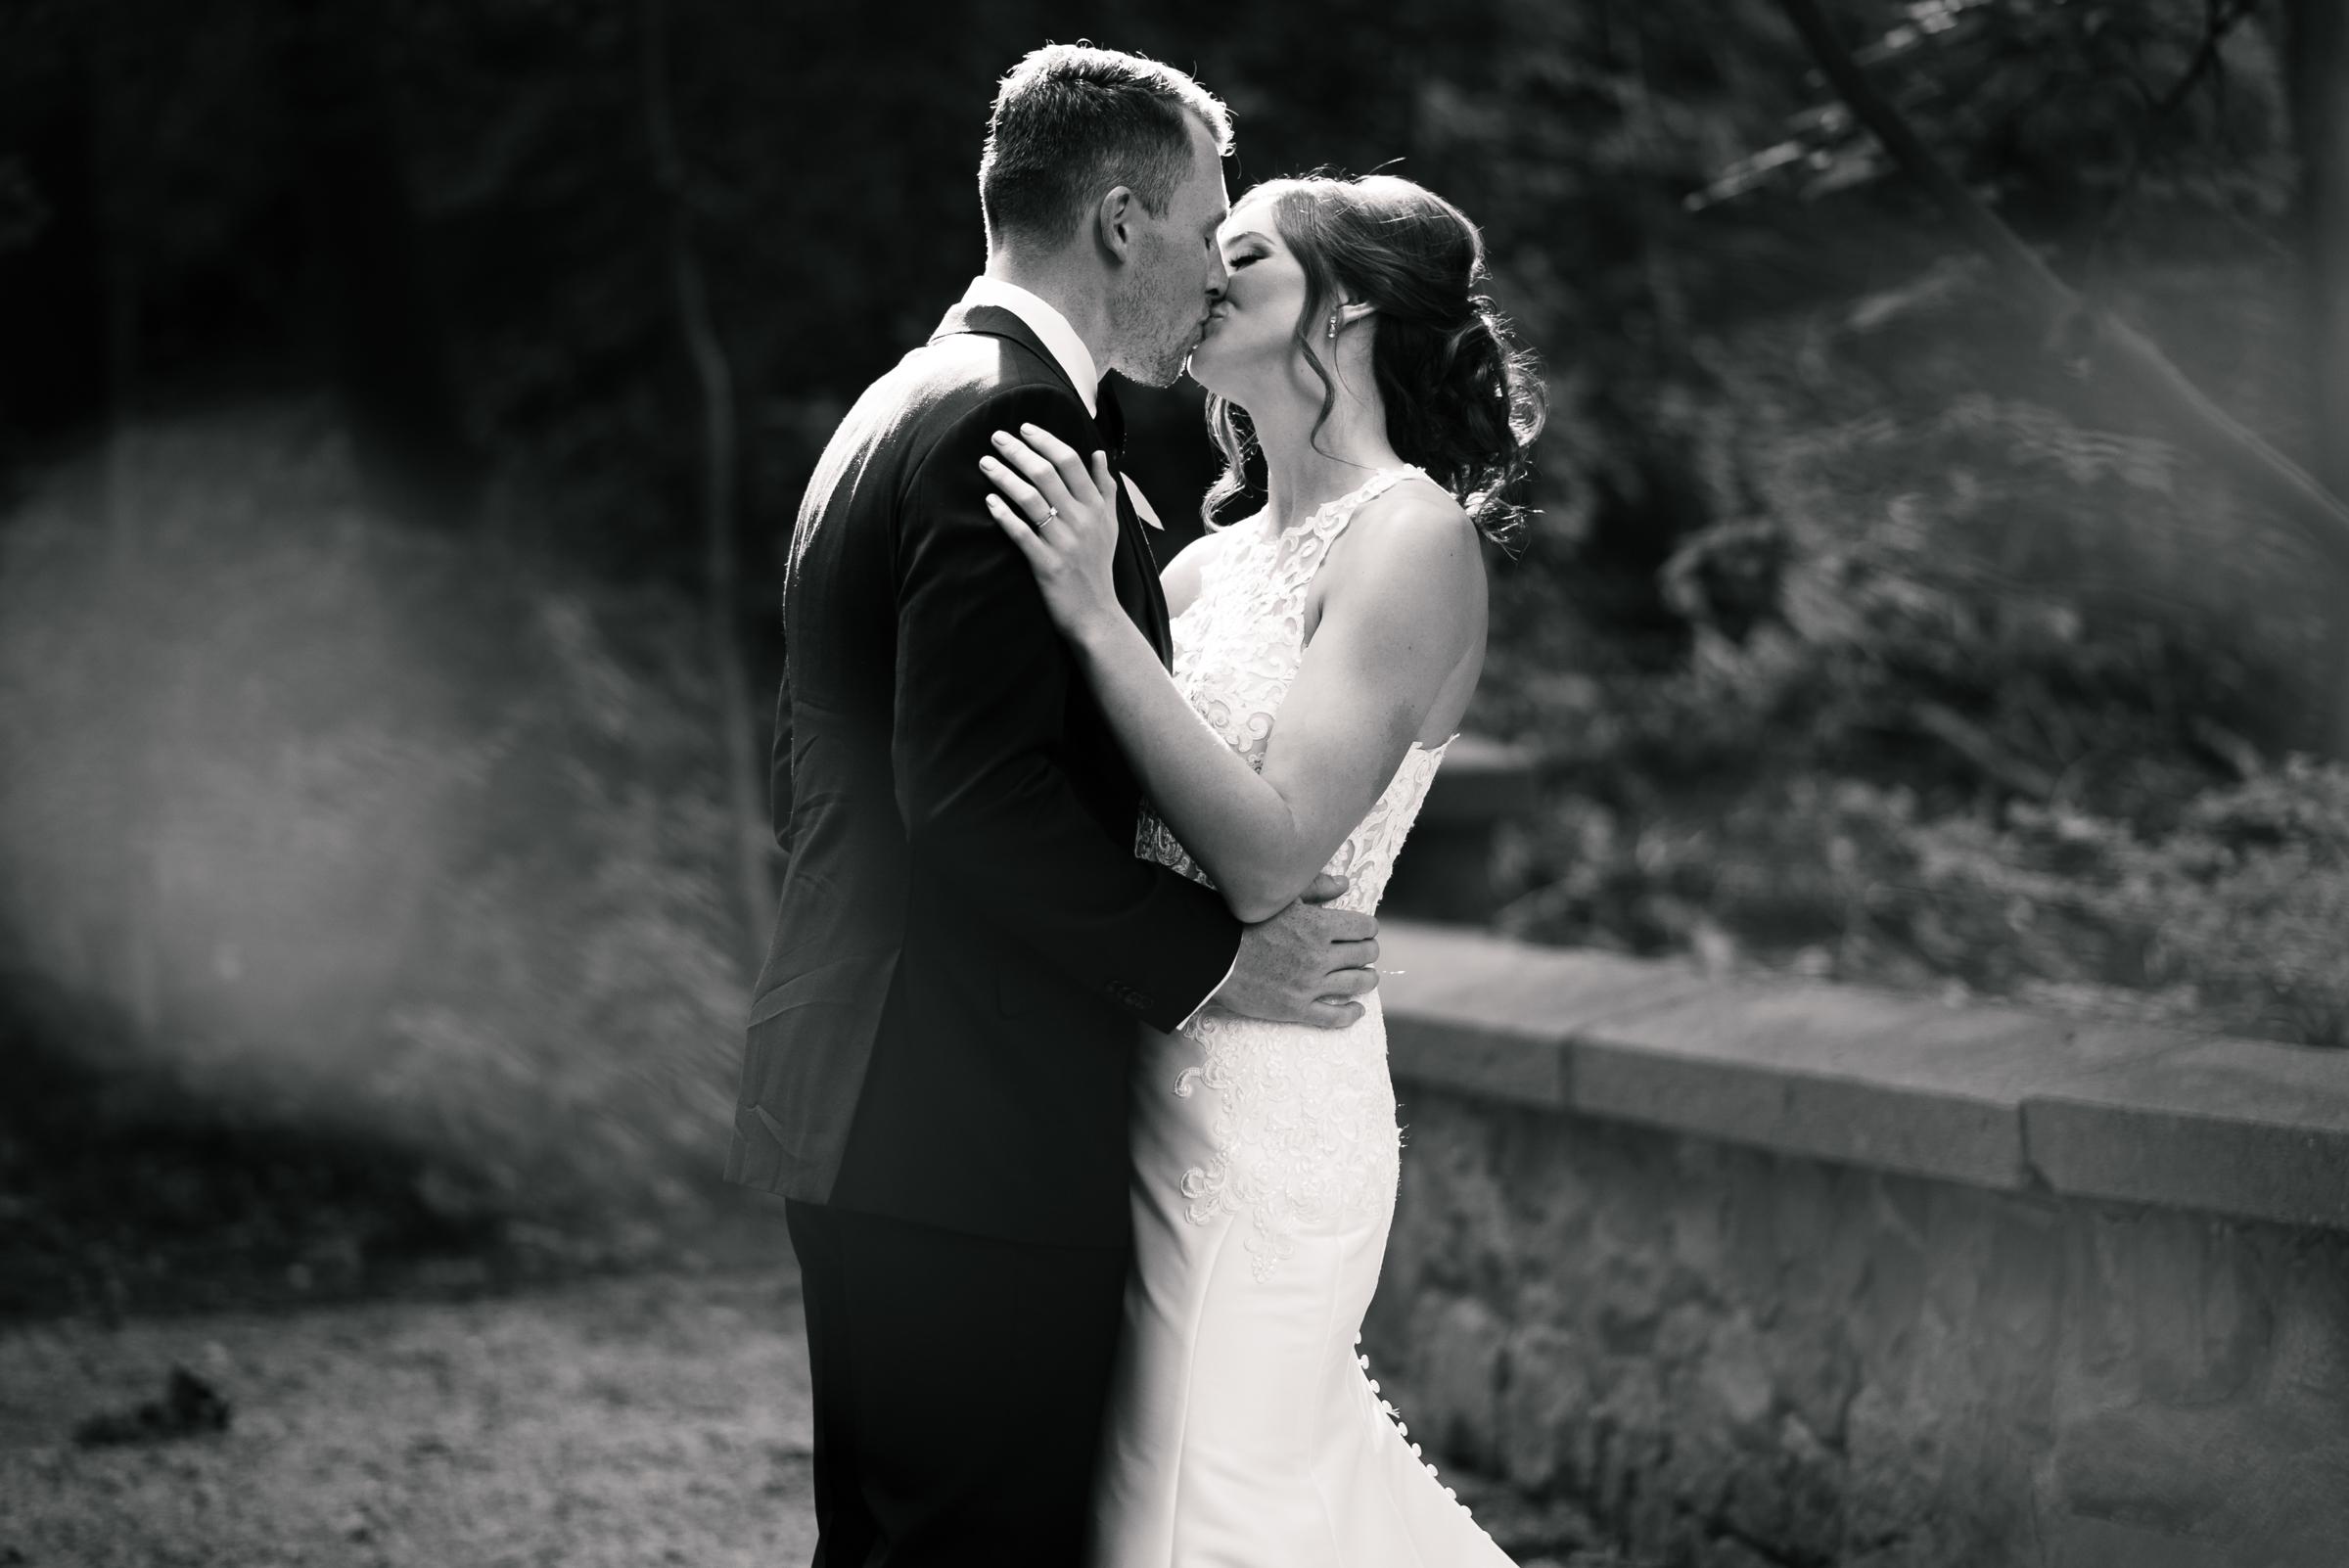 180824_KatieJake_Wedding_DSC_7787_Web.jpg